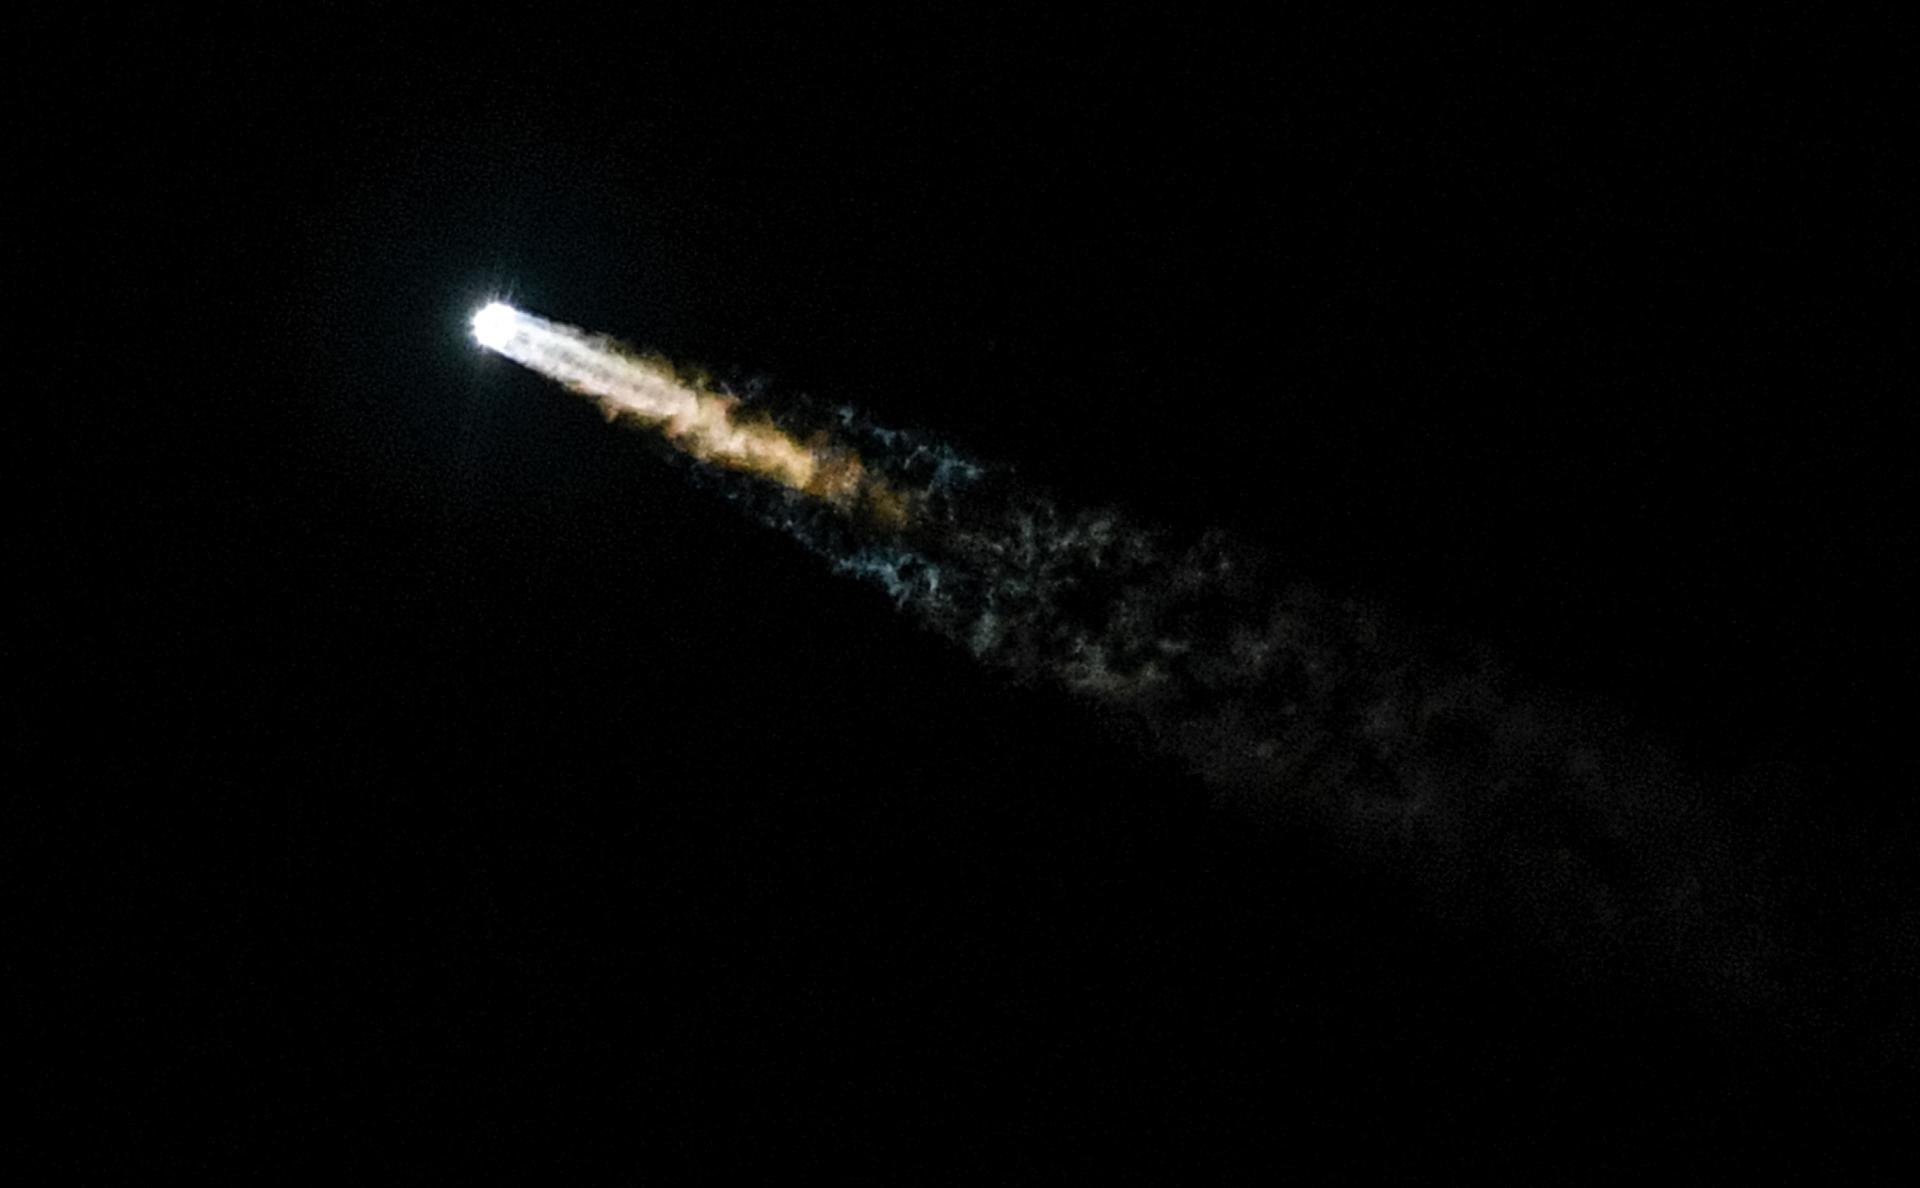 Старт ракеты-носителя «Протон-М» с телекоммуникационным космическим аппаратом «Амазонас-5» в 2017 году